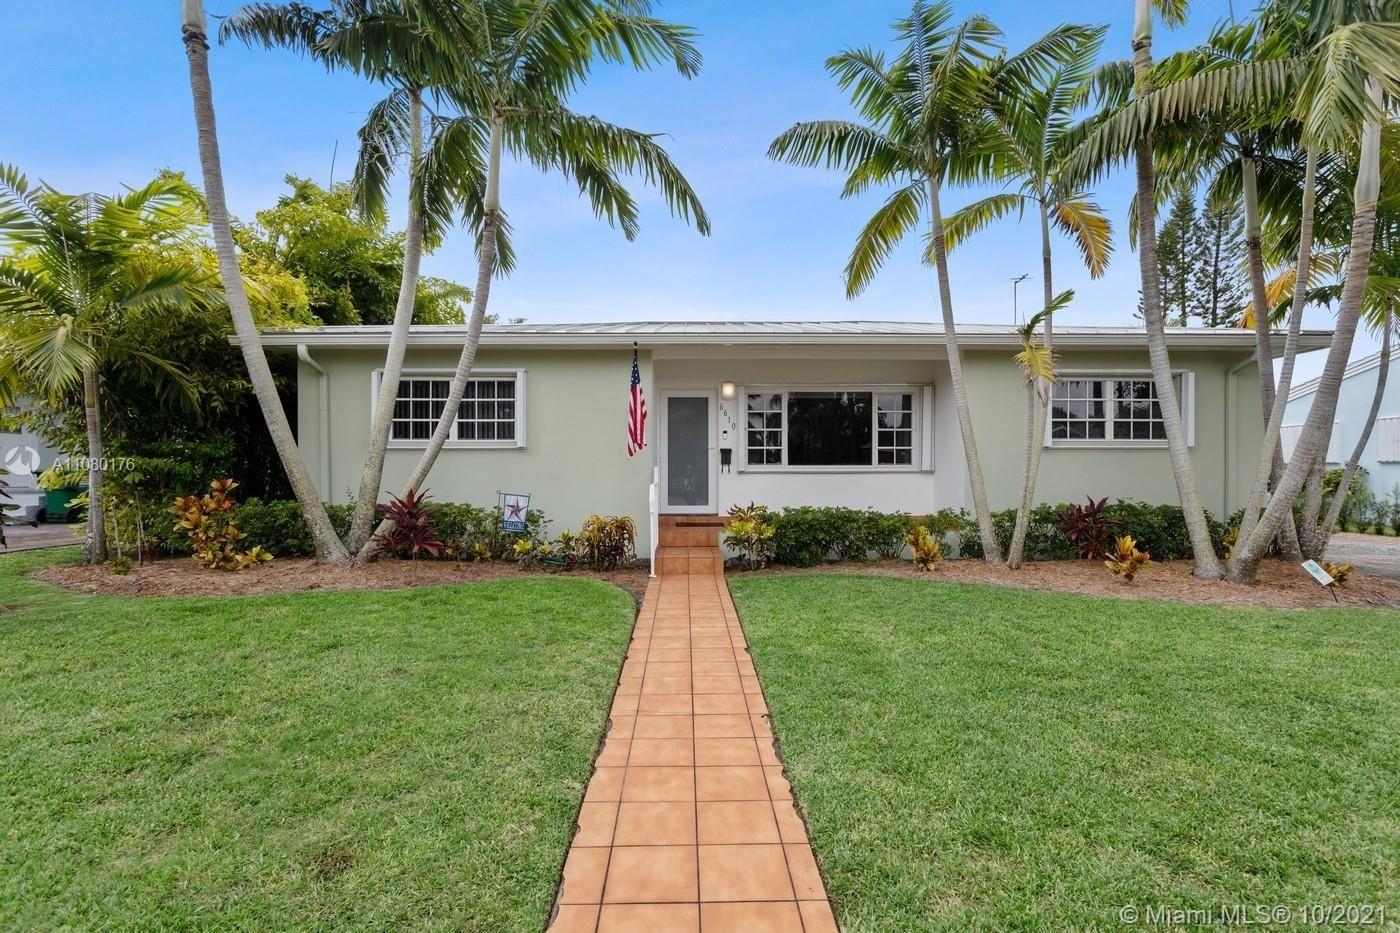 6610 SW 47th St, Miami, FL 33155 - #: A11080176